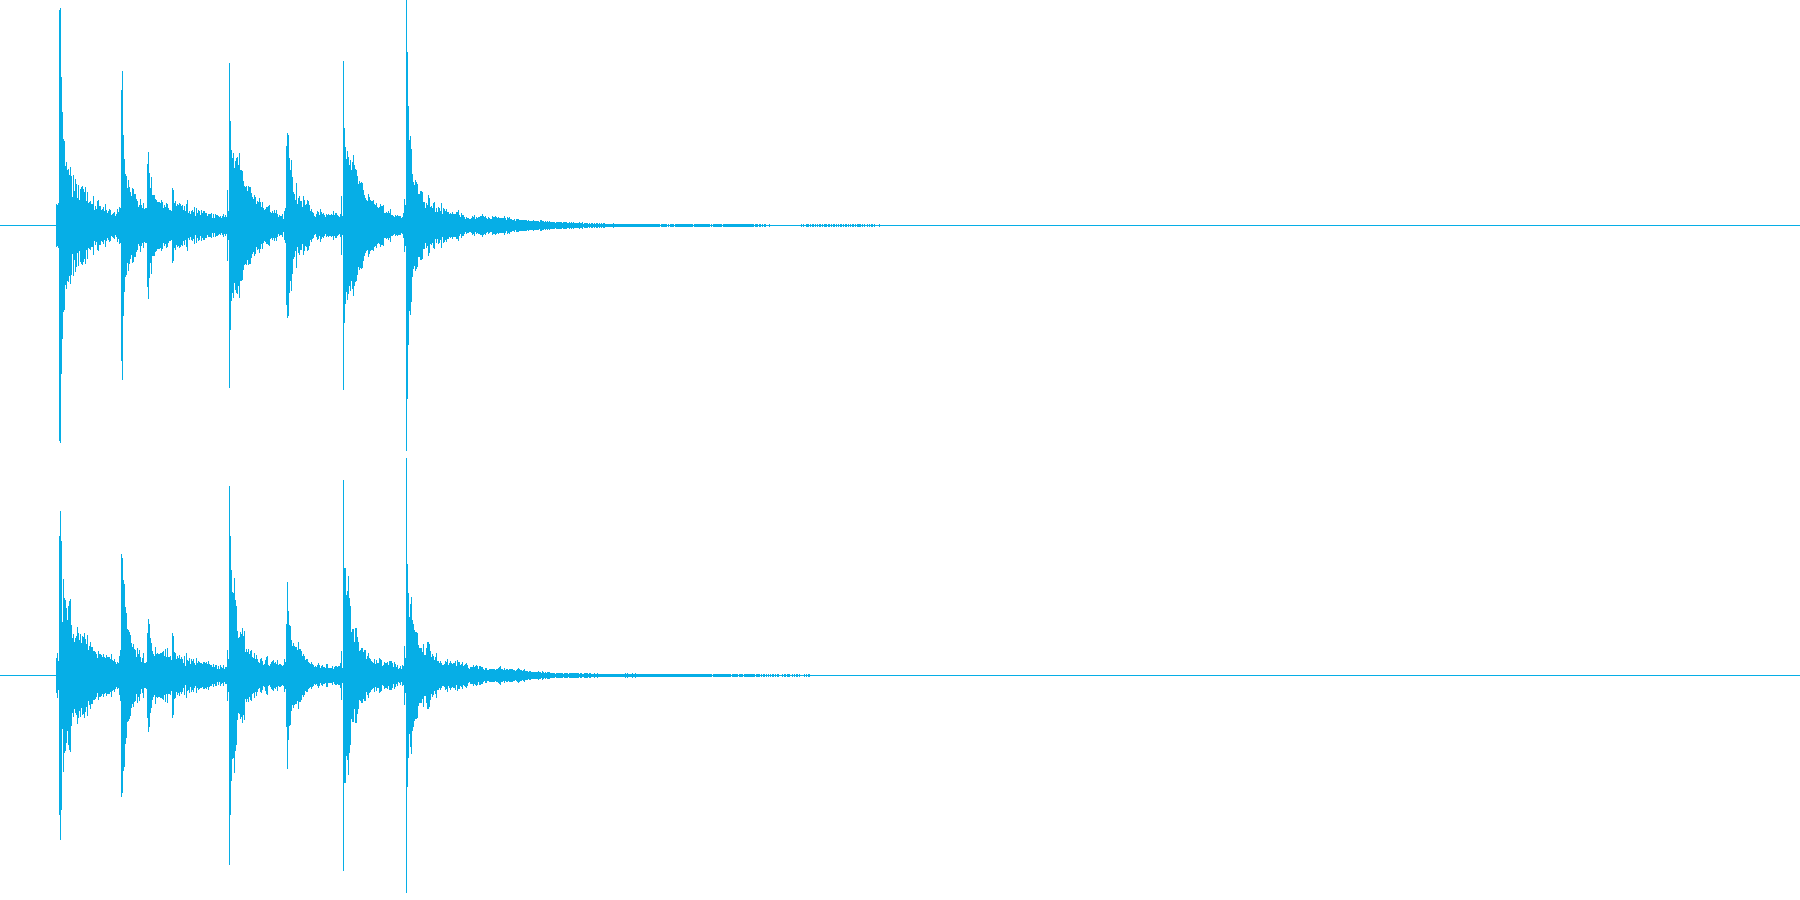 和の素材_三味線の短いフレーズ1の再生済みの波形